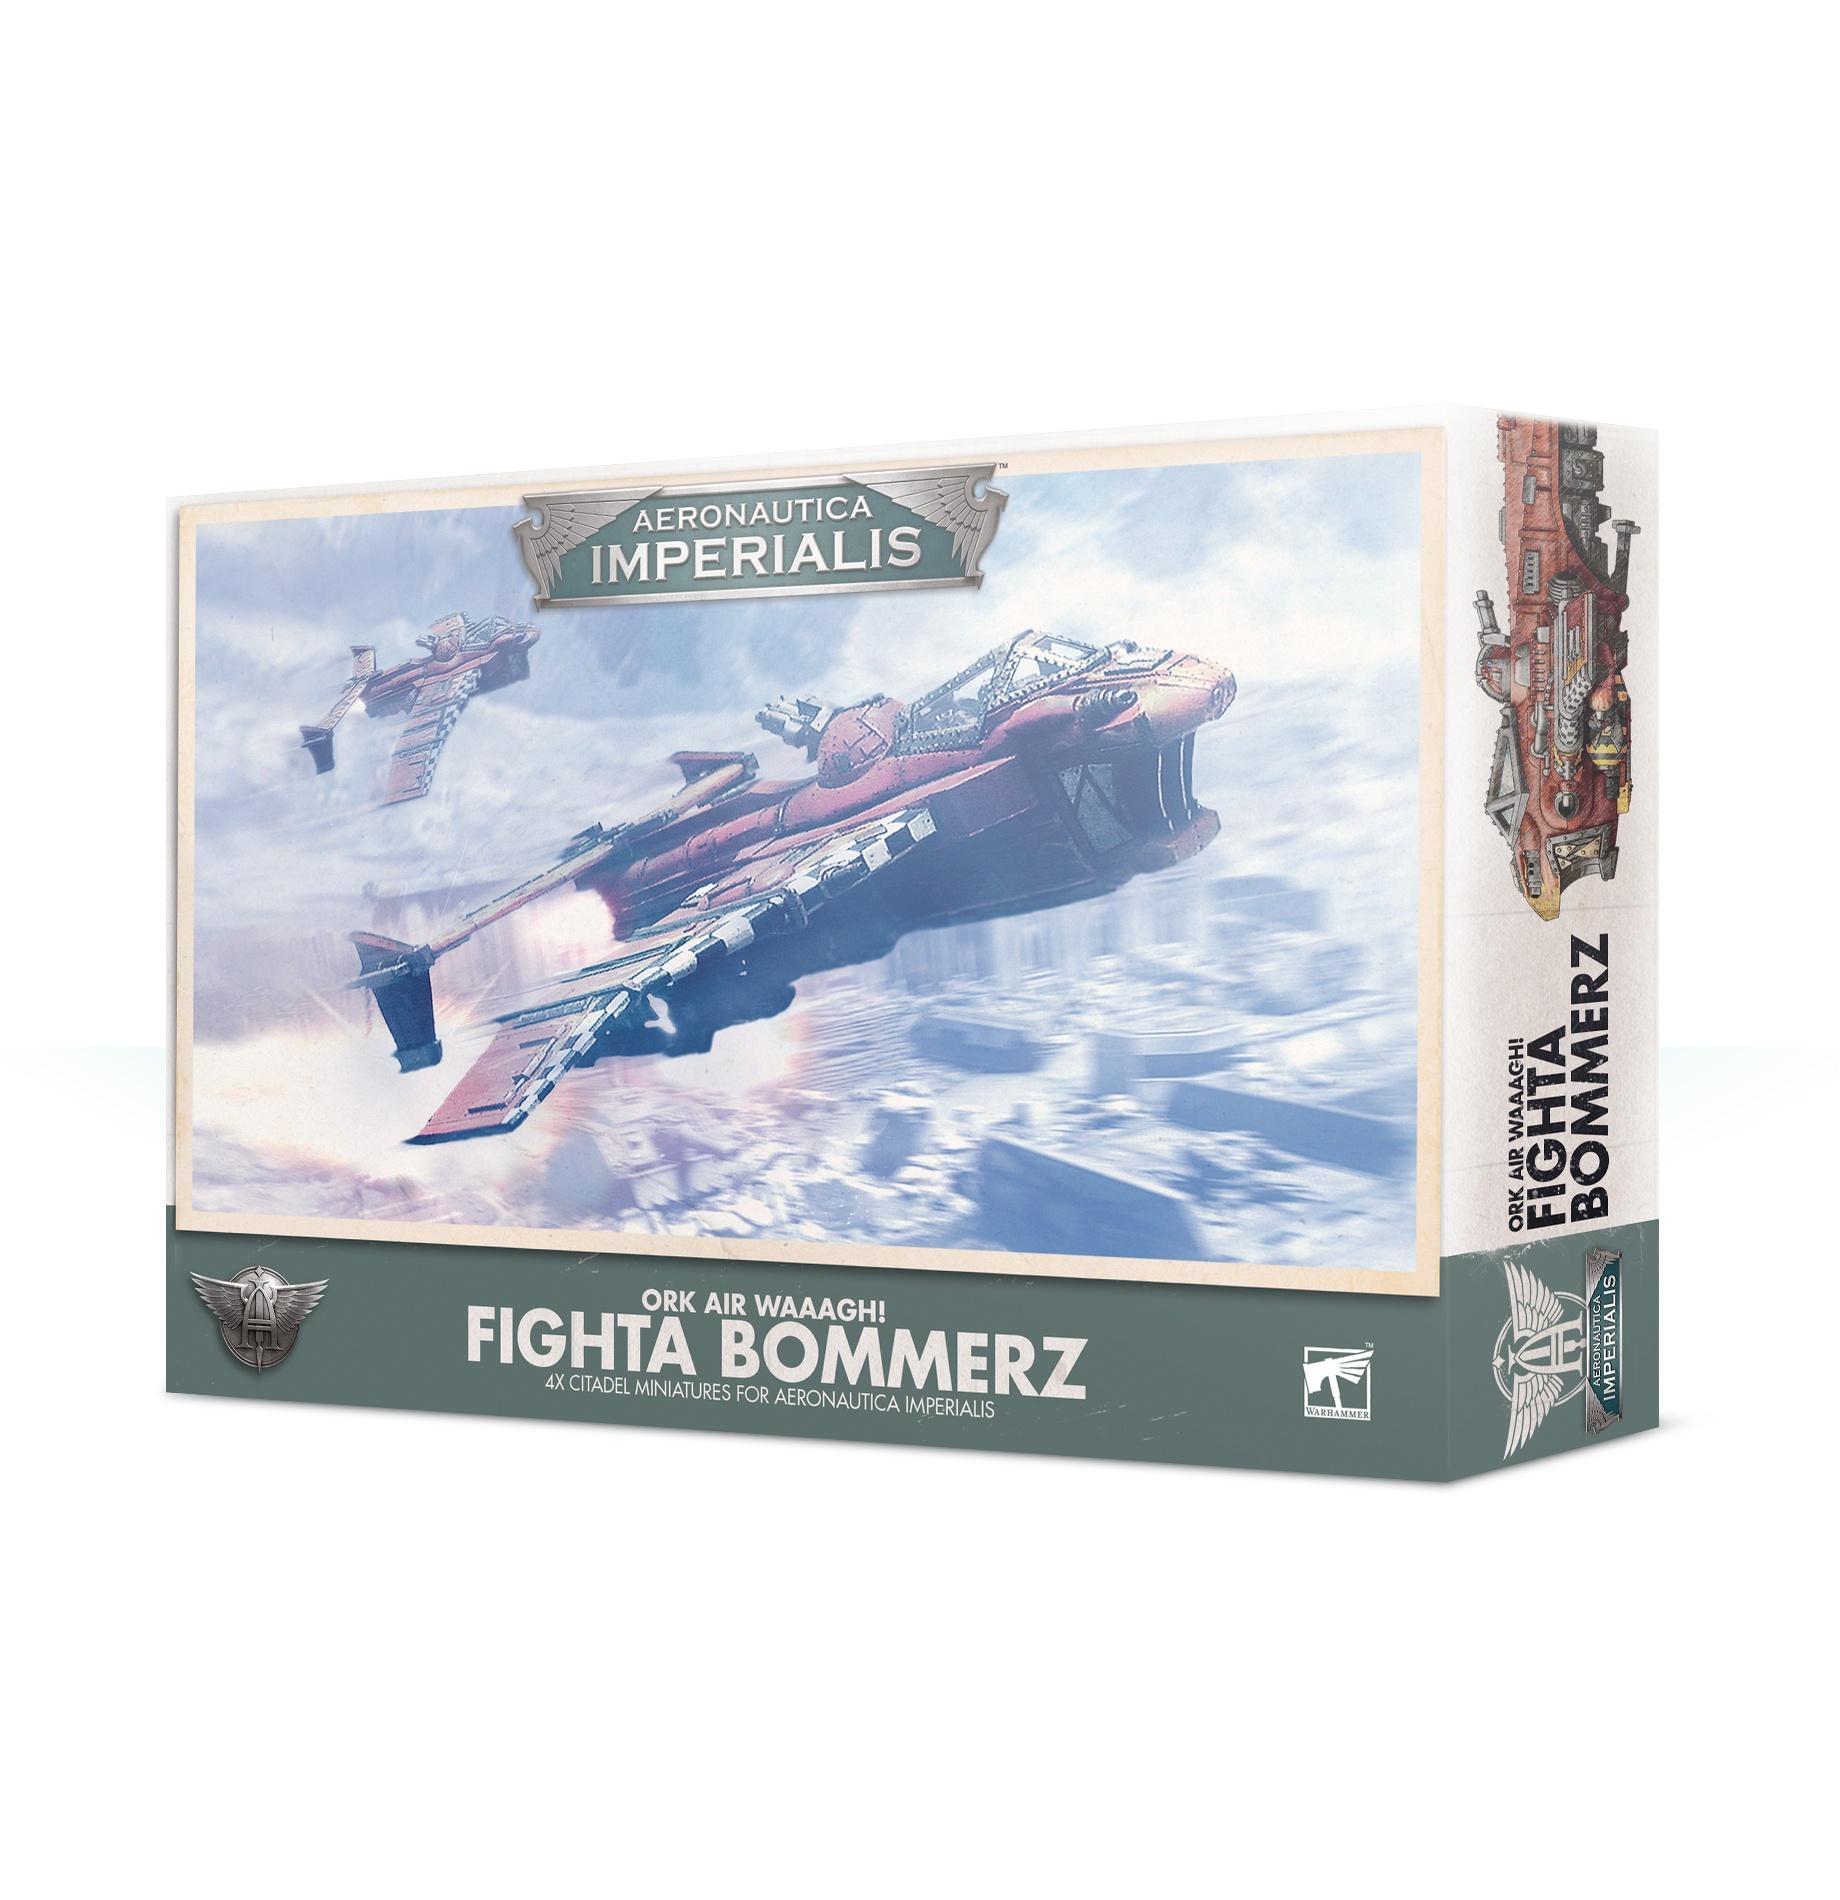 Fighta Bommerz, Ork Air Waaagh! Aeronautica Imperialis